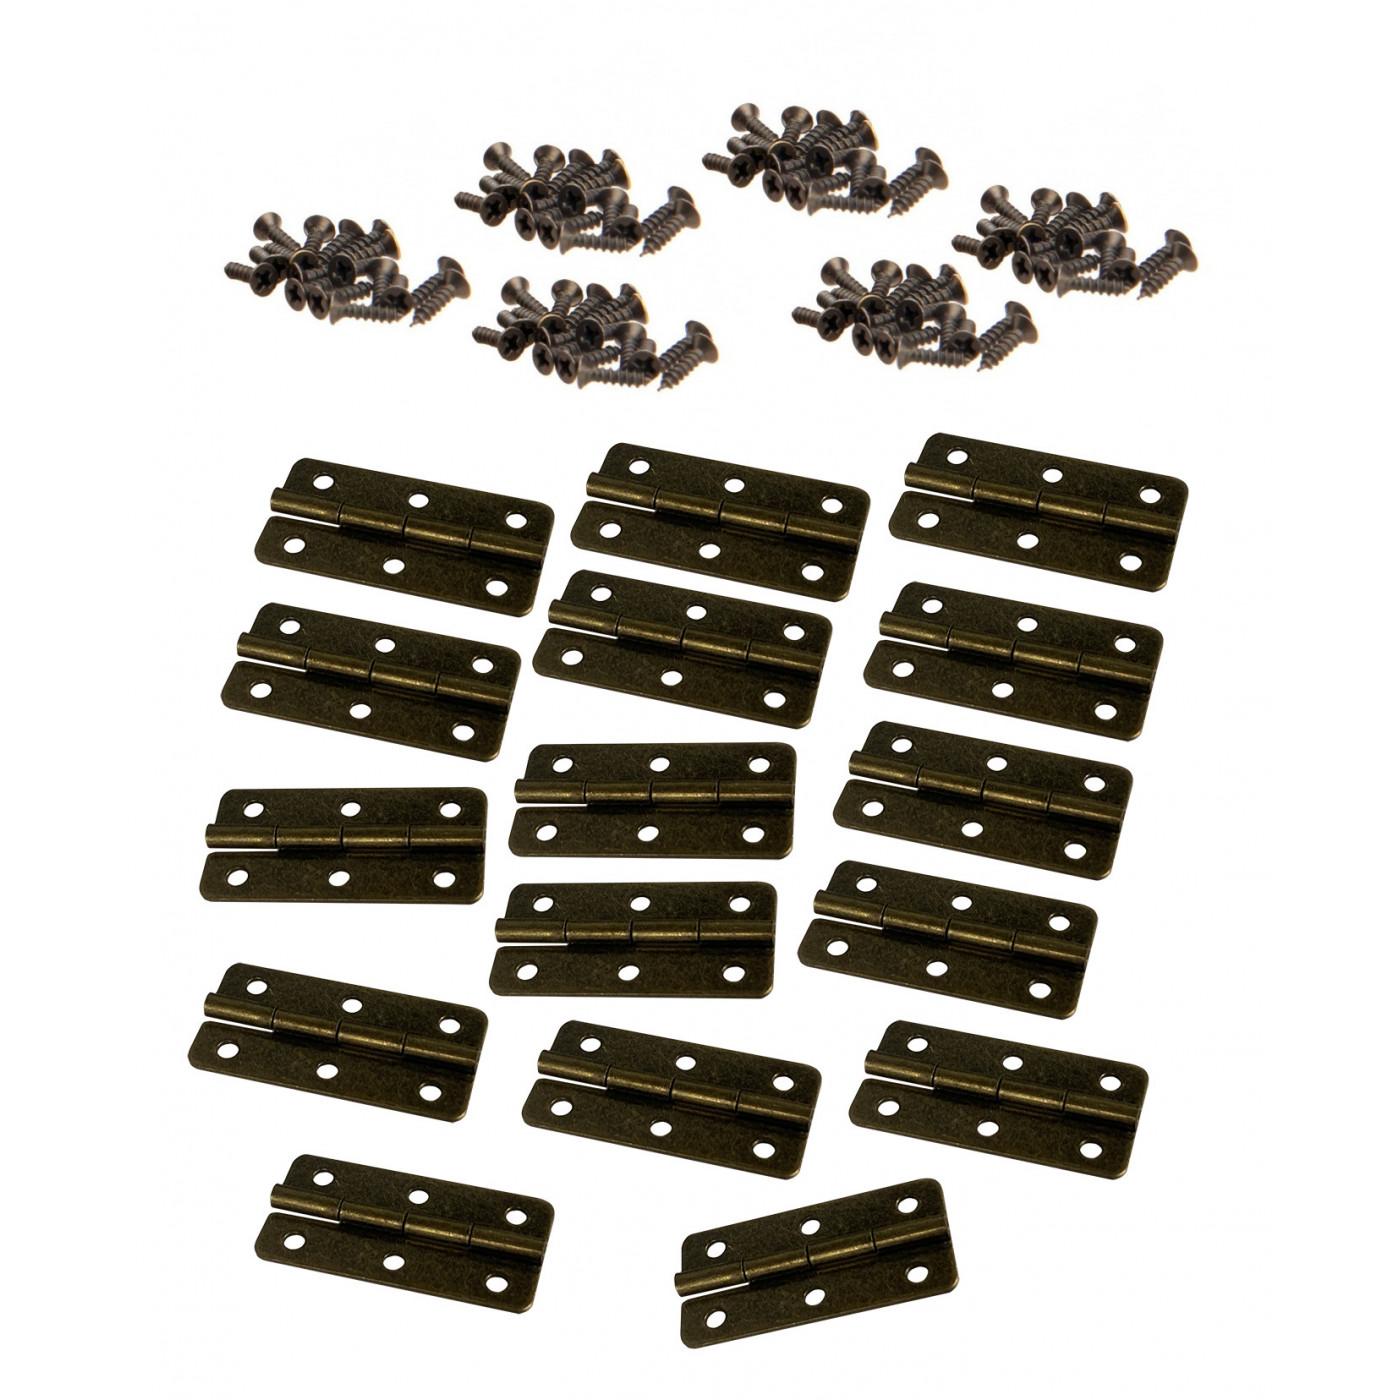 Set van 16 scharniertjes (20x40 mm, brons) inclusief schroefjes